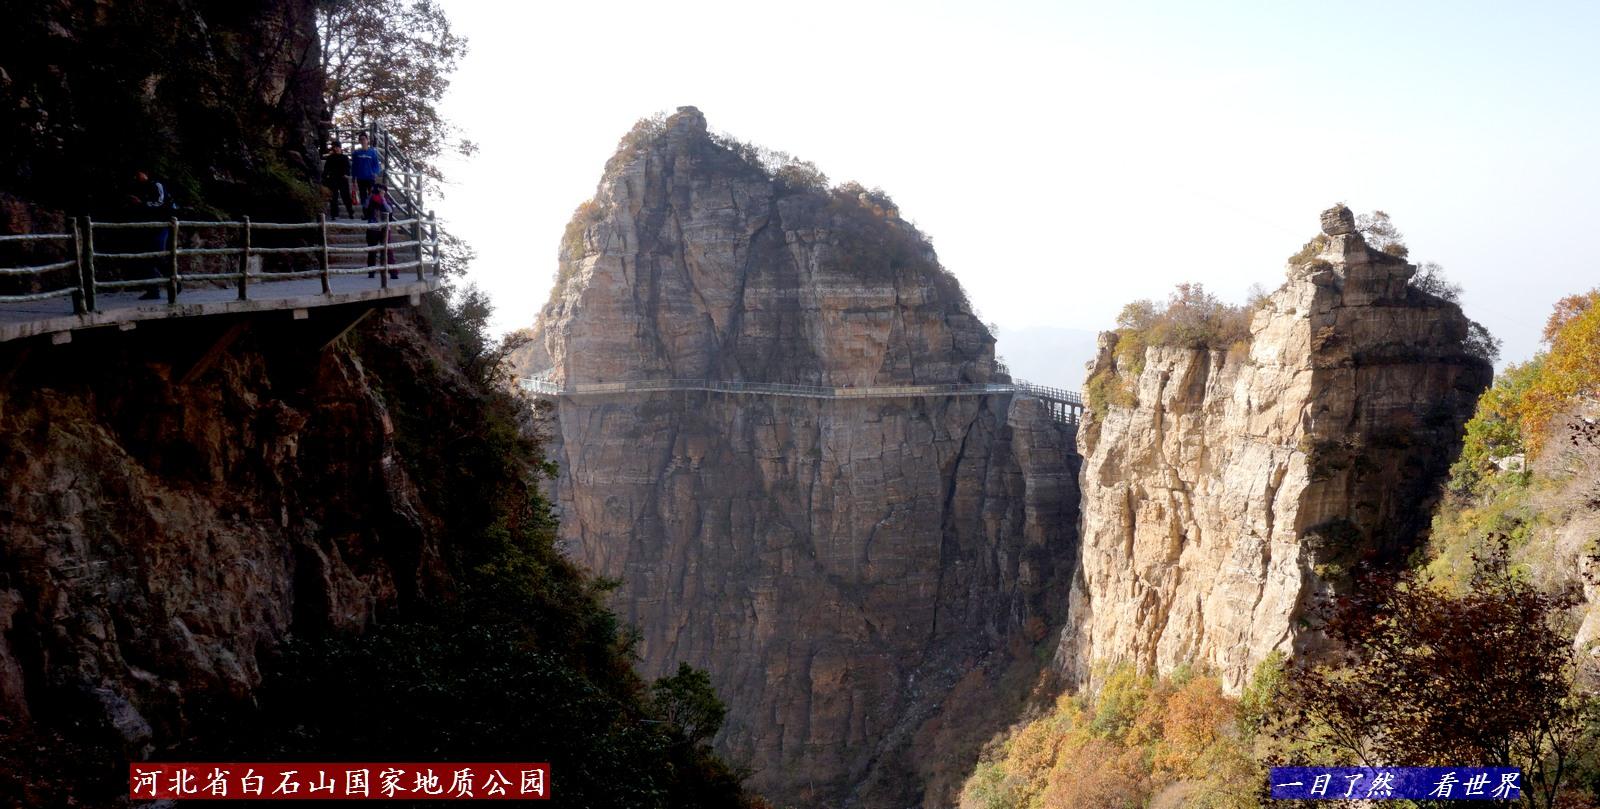 河北房山世界地质公园(白石山)--15-1600.jpg